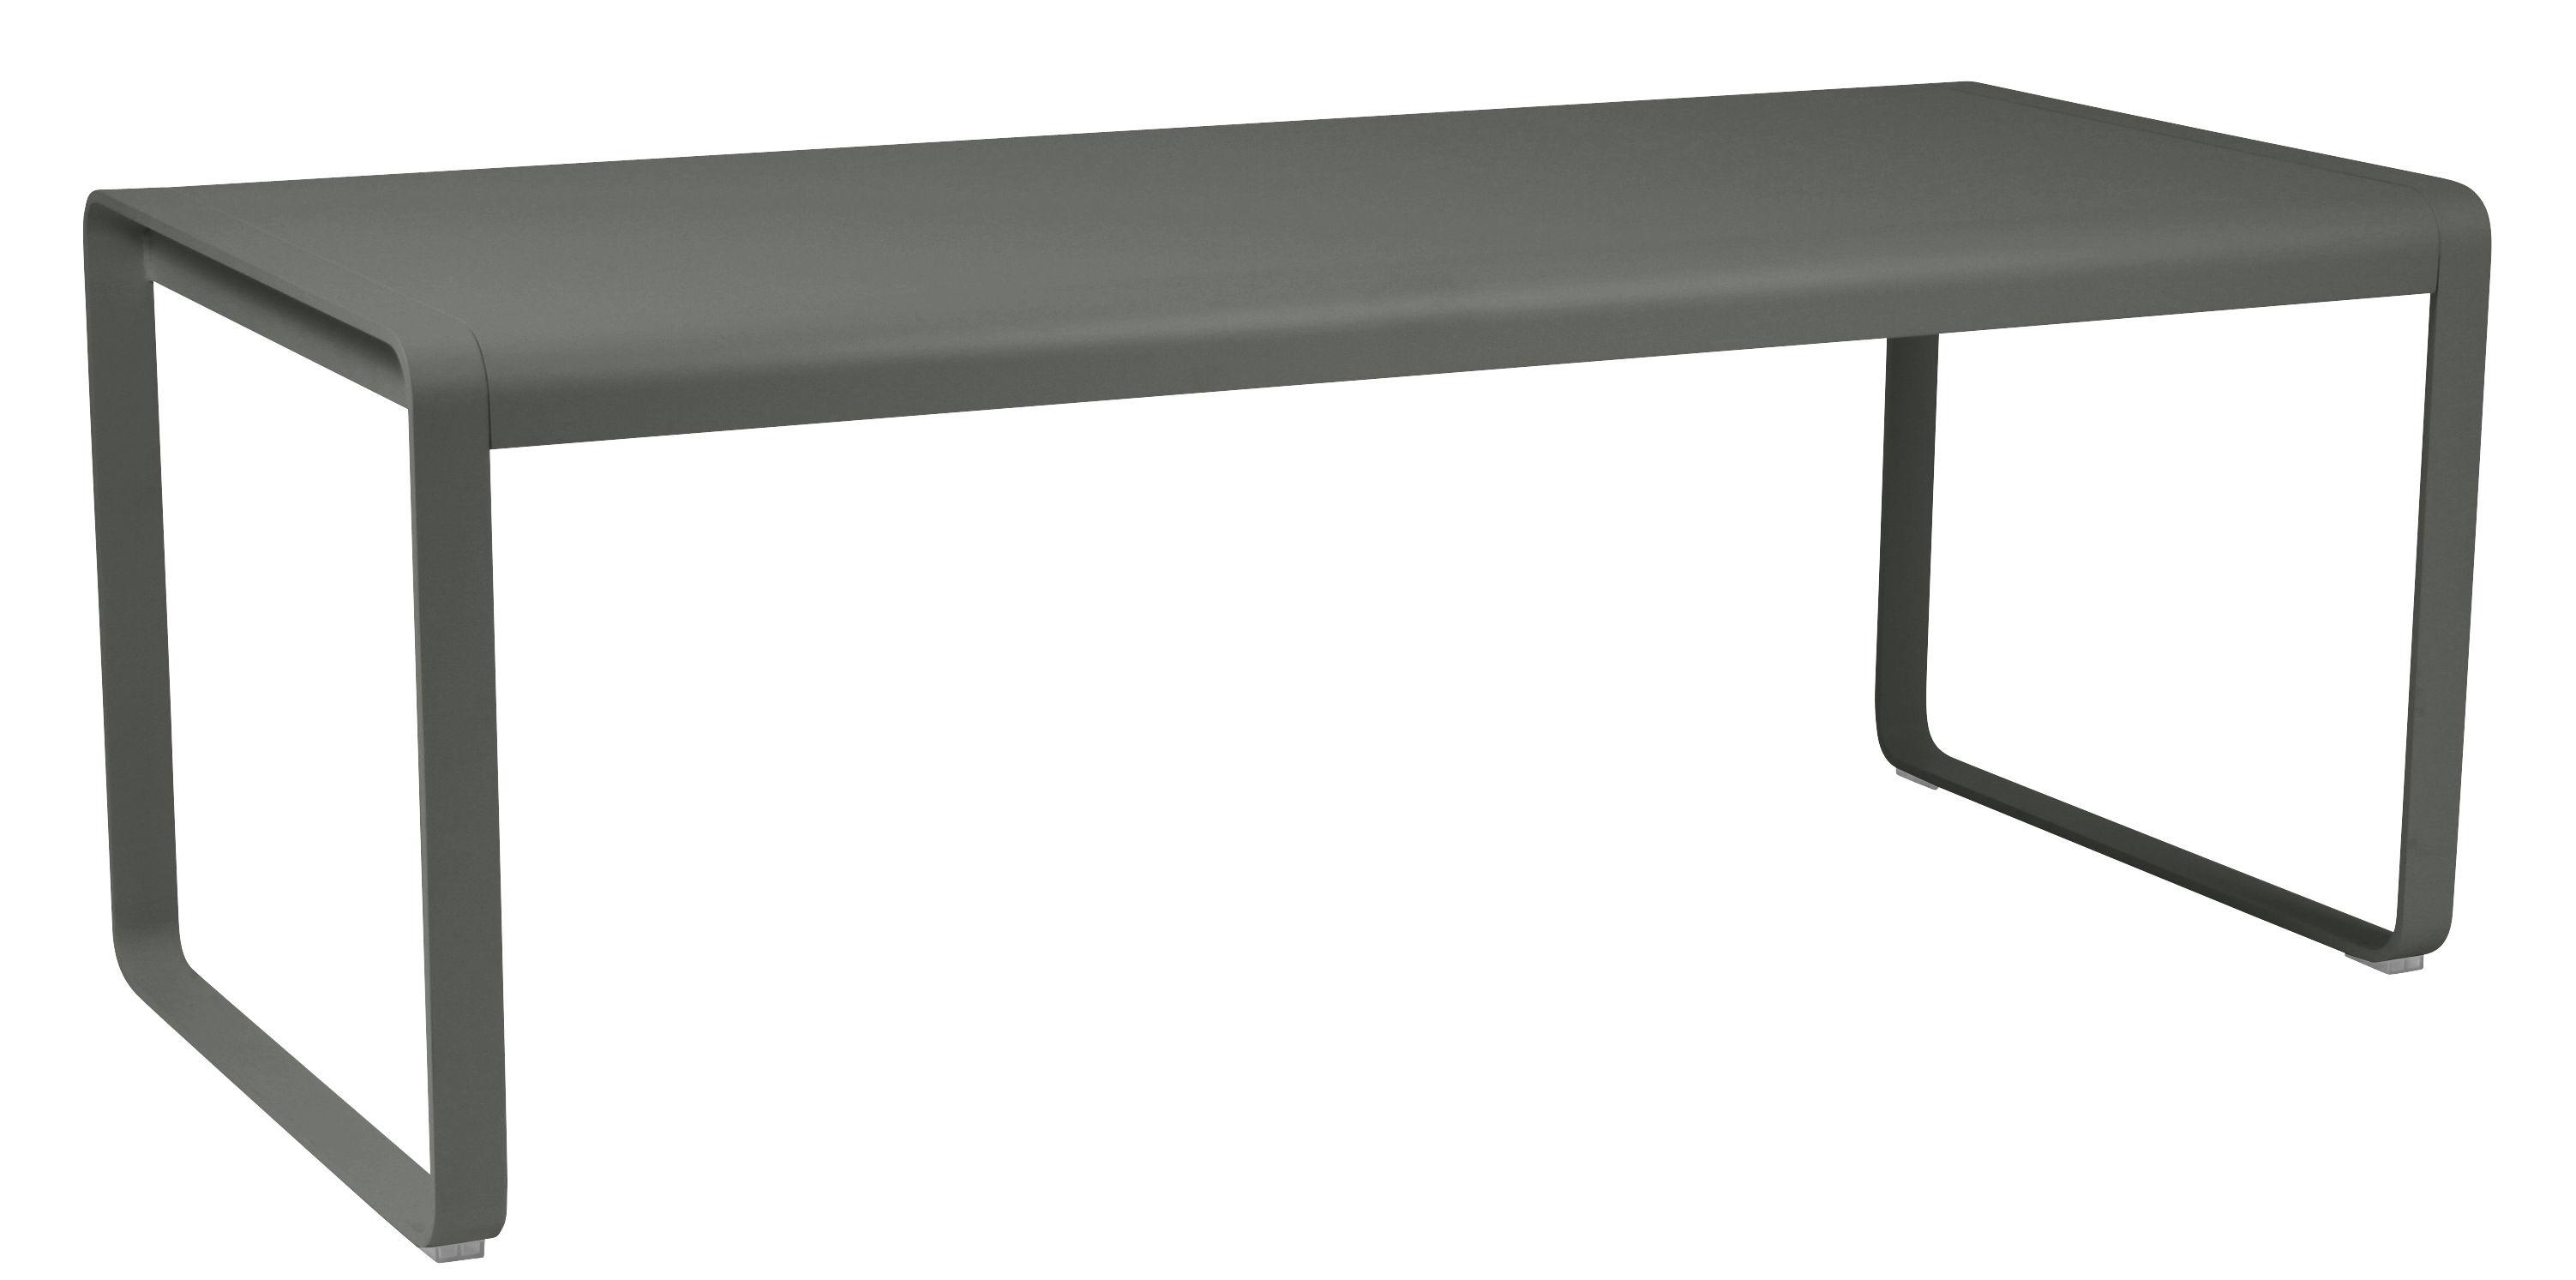 Table rectangulaire Bellevie / L 196 cm - 8 à 10 personnes - Fermob vert/gris en métal